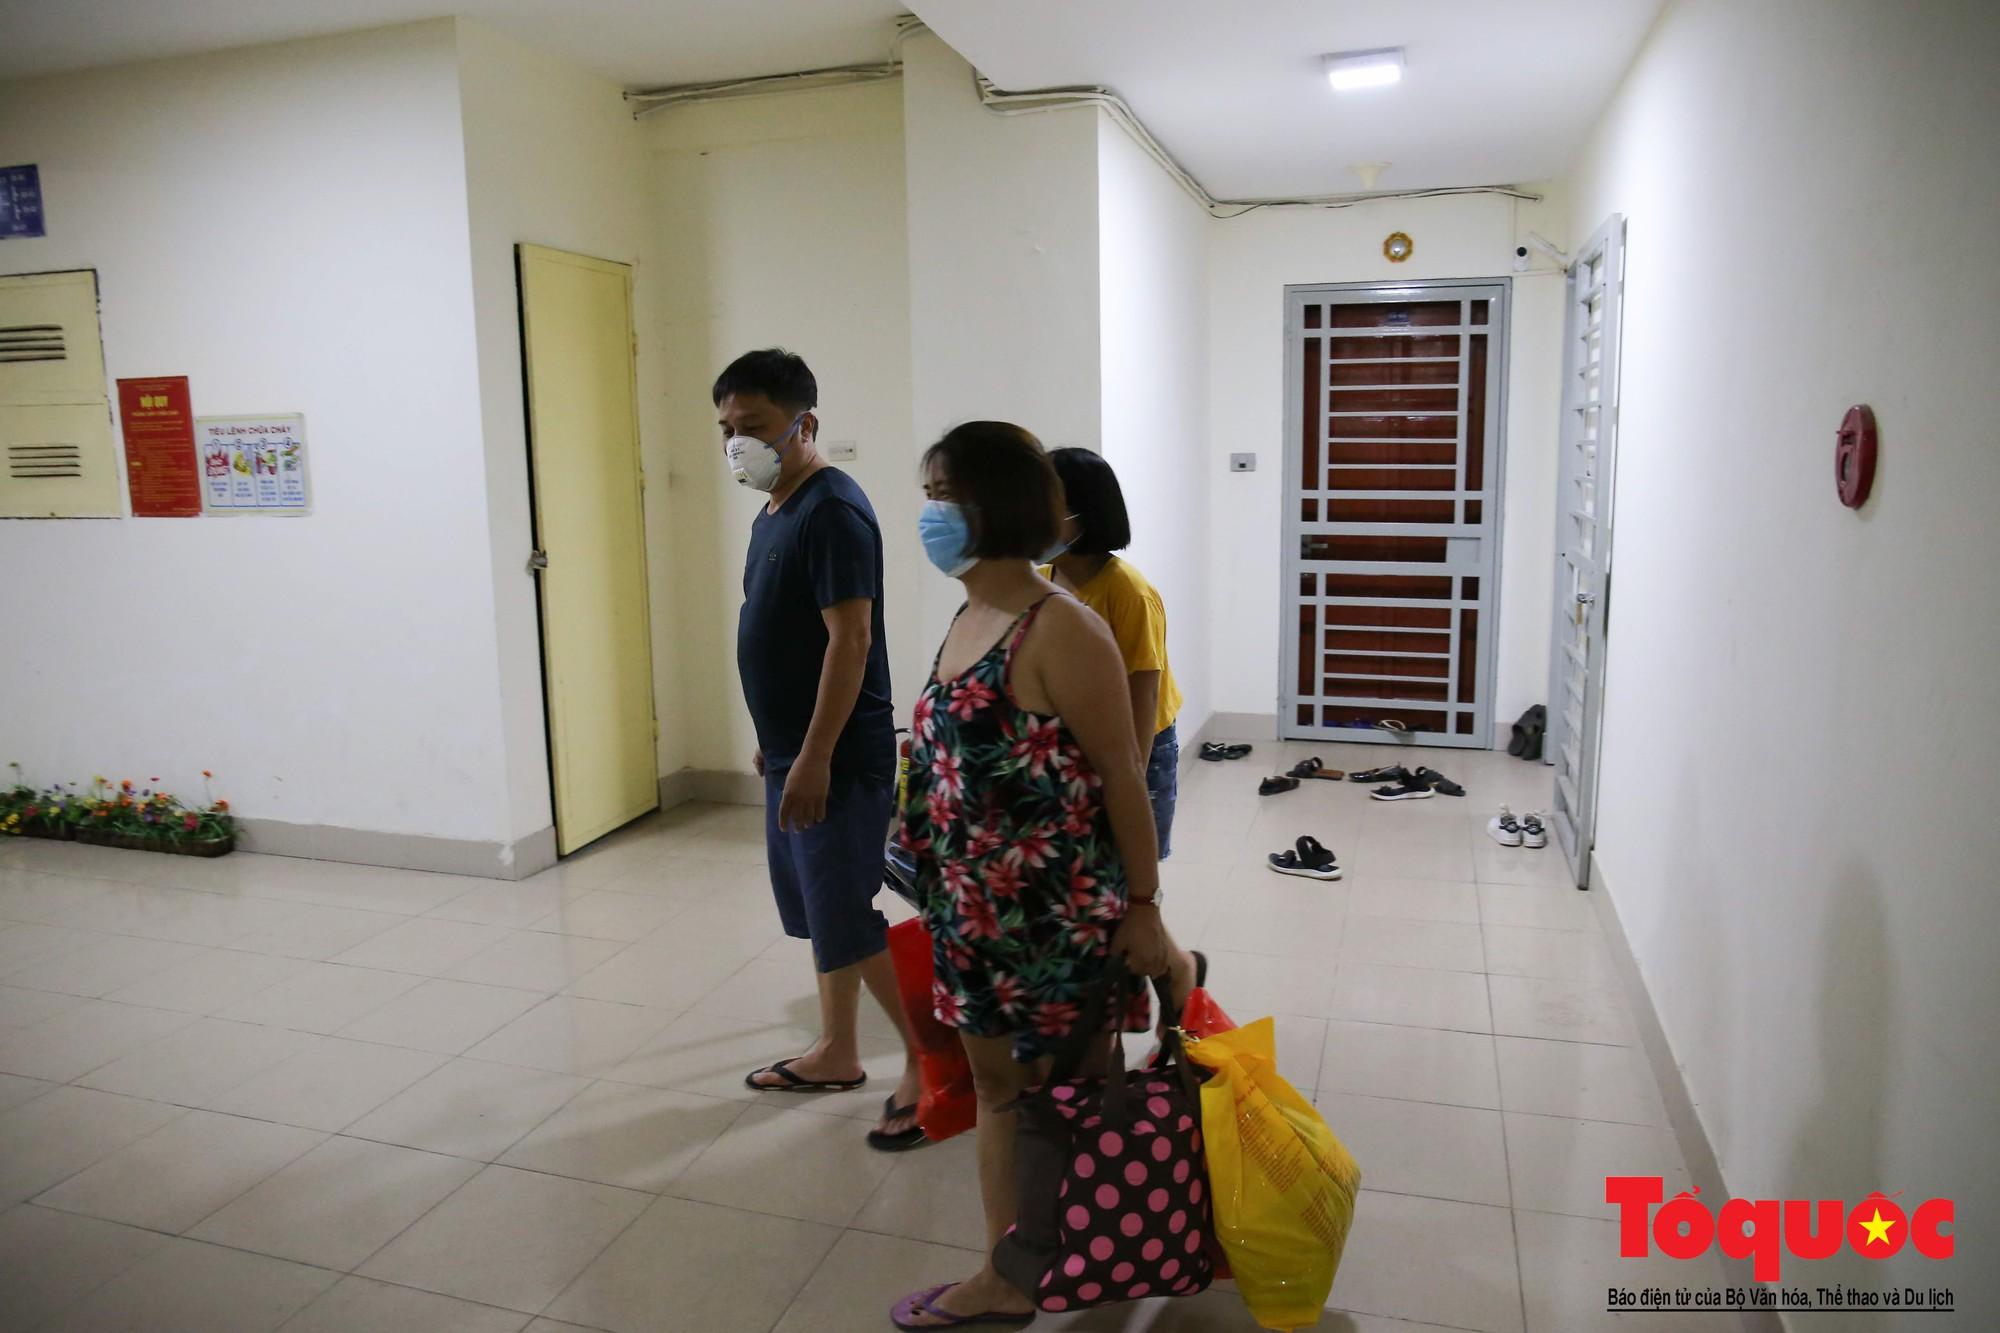 Cám cảnh có nhà mà không thể ở của người dân Hạ Định sau vụ cháy kho Rạng Đông (13)